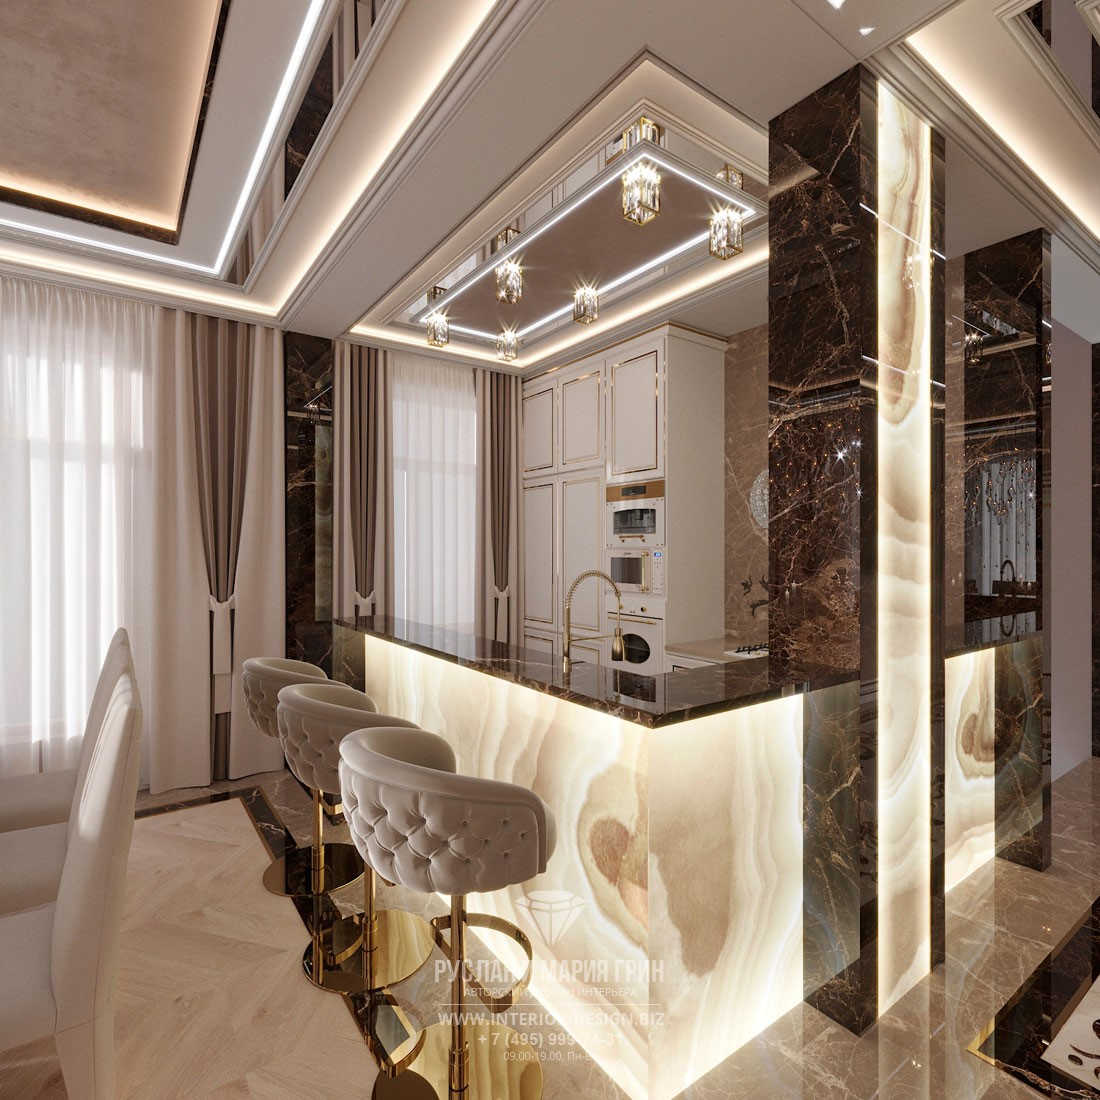 Эксклюзивный интерьер компактной кухни с угловой барной стойкой из оникса